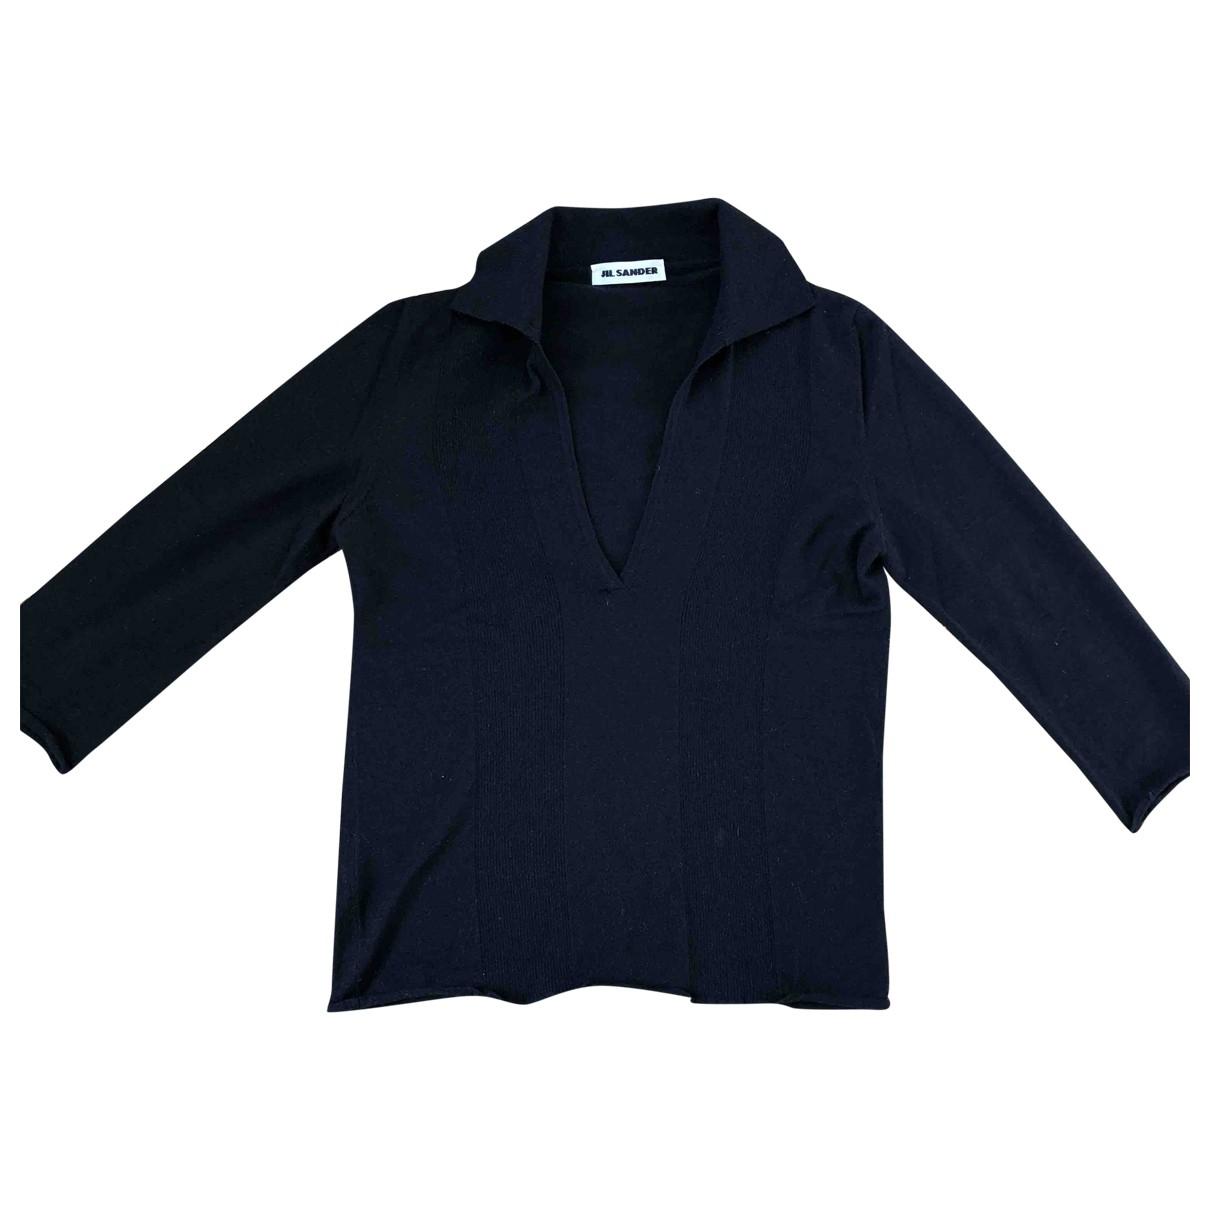 Jil Sander - Pull   pour femme en cachemire - bleu